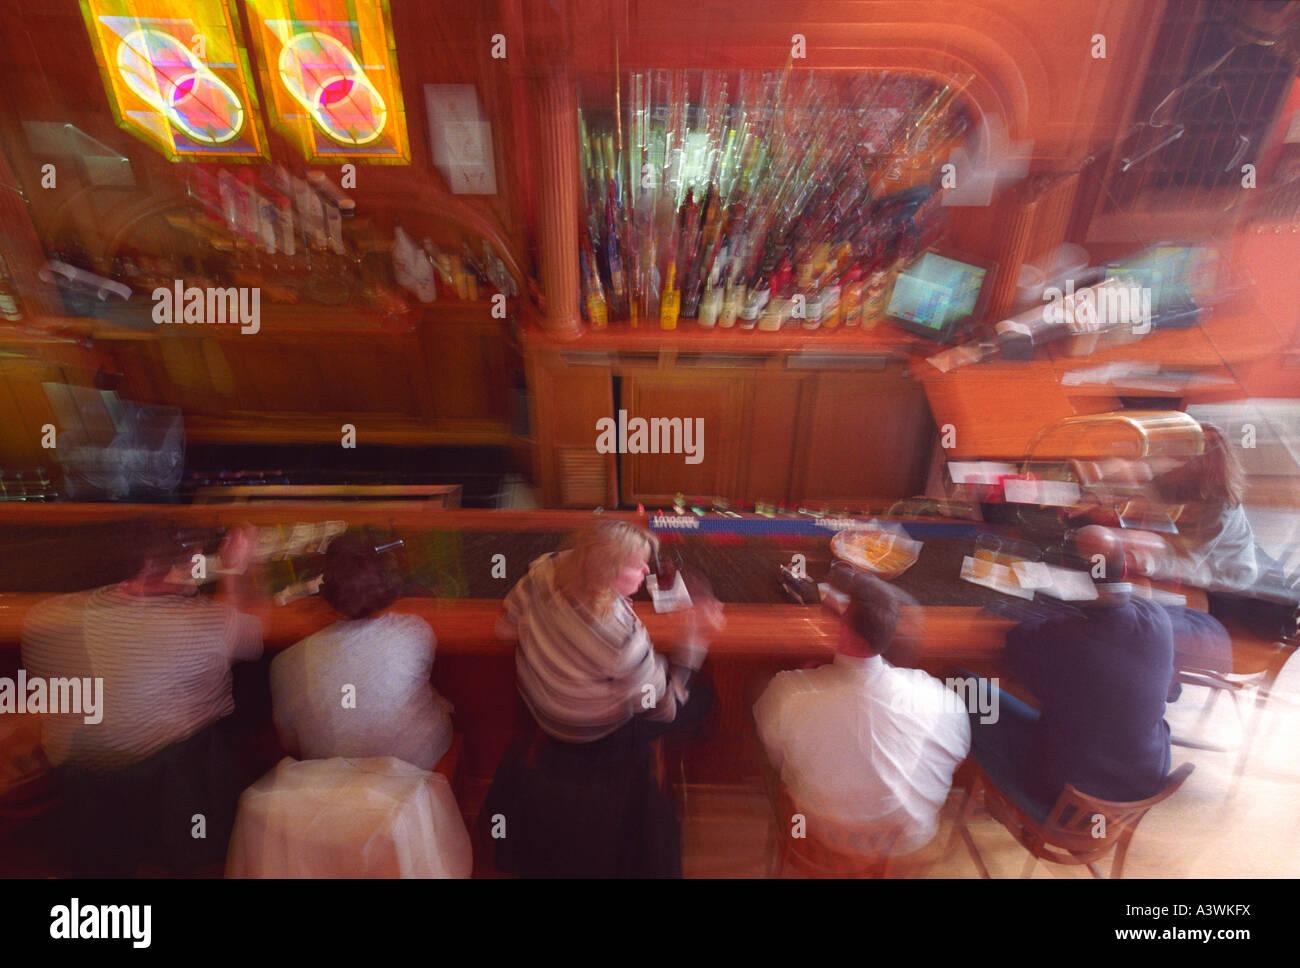 Bar scene in Michigan with blurry camera technique - Stock Image